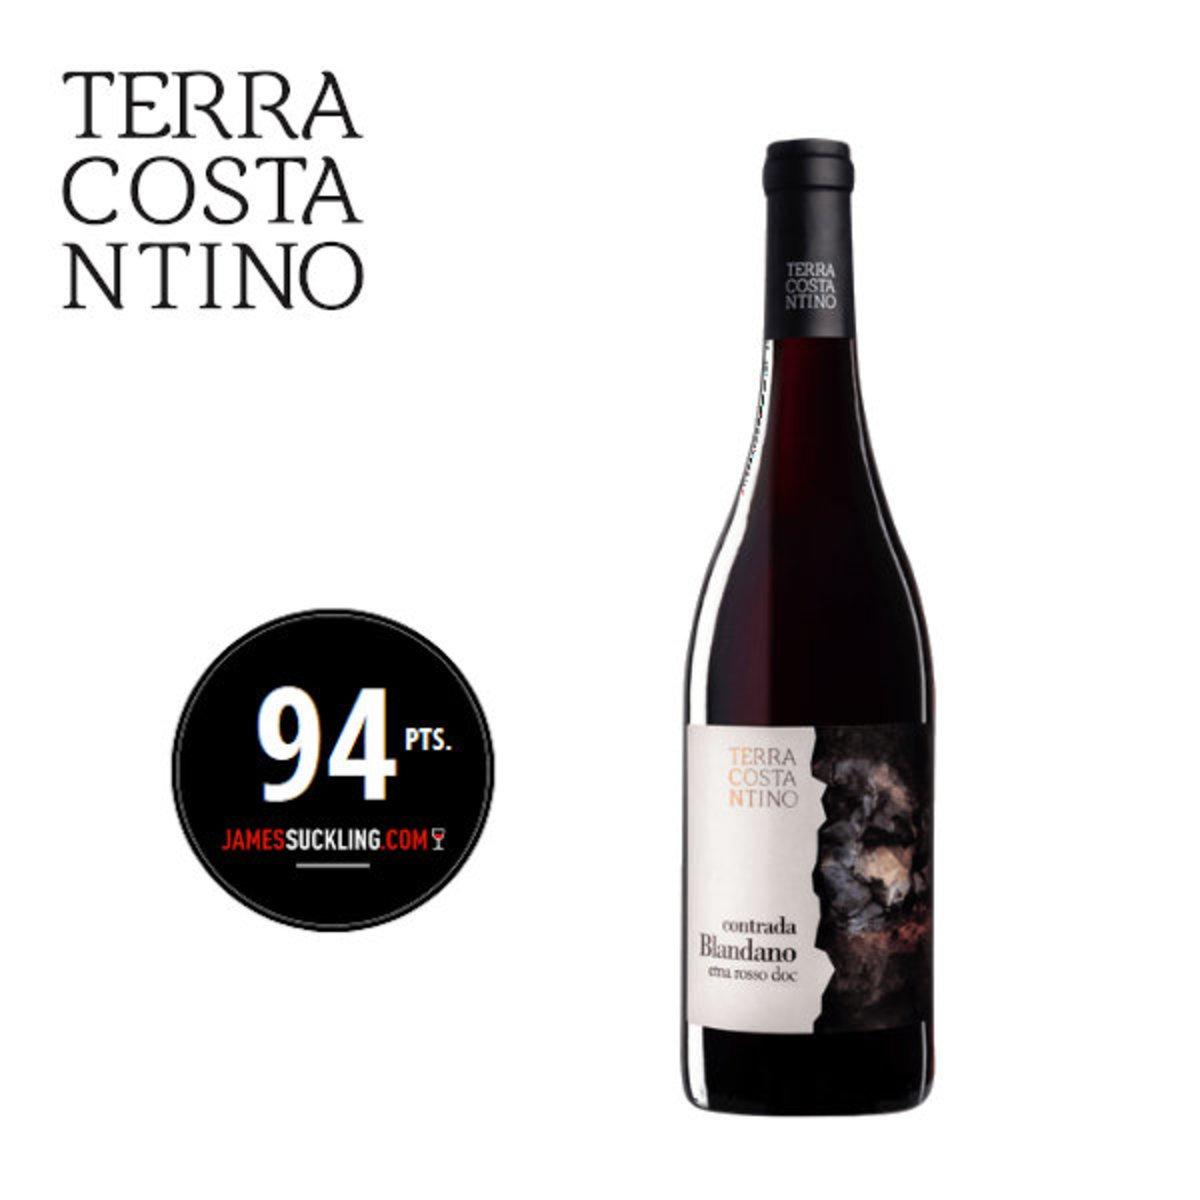 """""""Contrada Blandano"""" Etna Rosso DOC 2014 紅酒"""